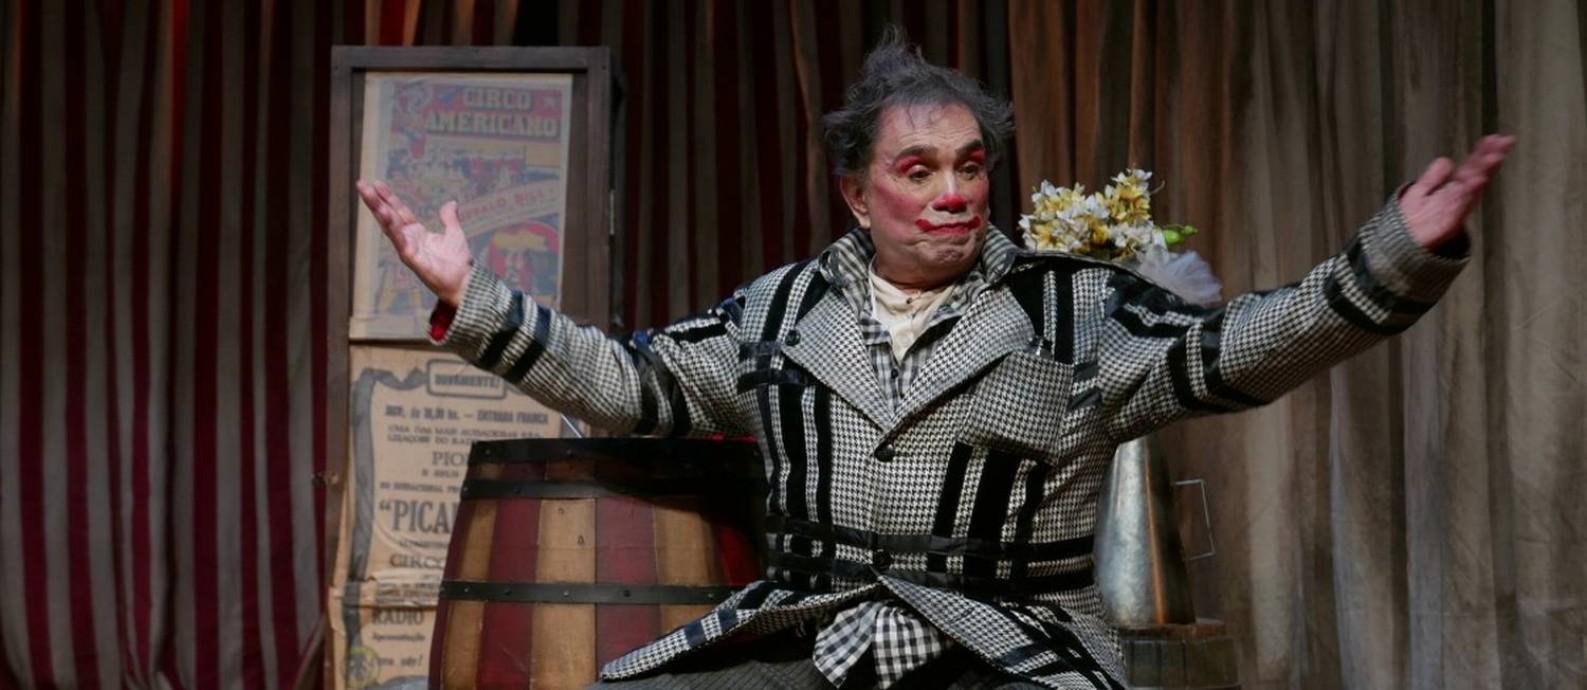 Dedé Santana na peça 'Palhaços' Foto: Tatiana Coelho / Divulgação/Tatiana Coelho